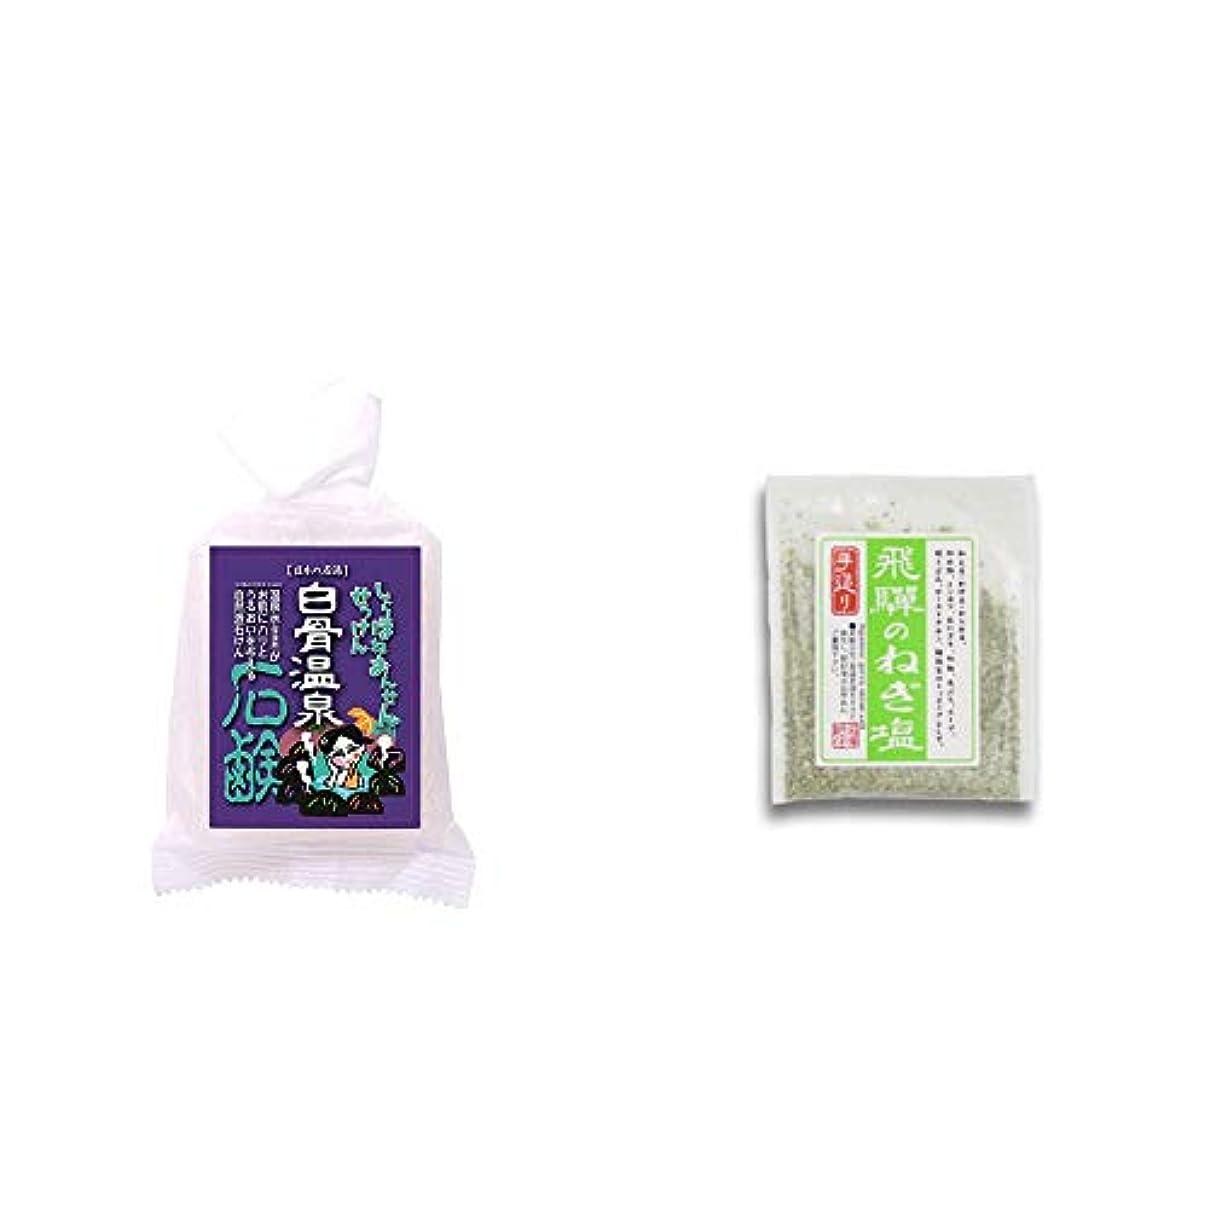 多用途カリング利益[2点セット] 信州 白骨温泉石鹸(80g)?手造り 飛騨のねぎ塩(40g)